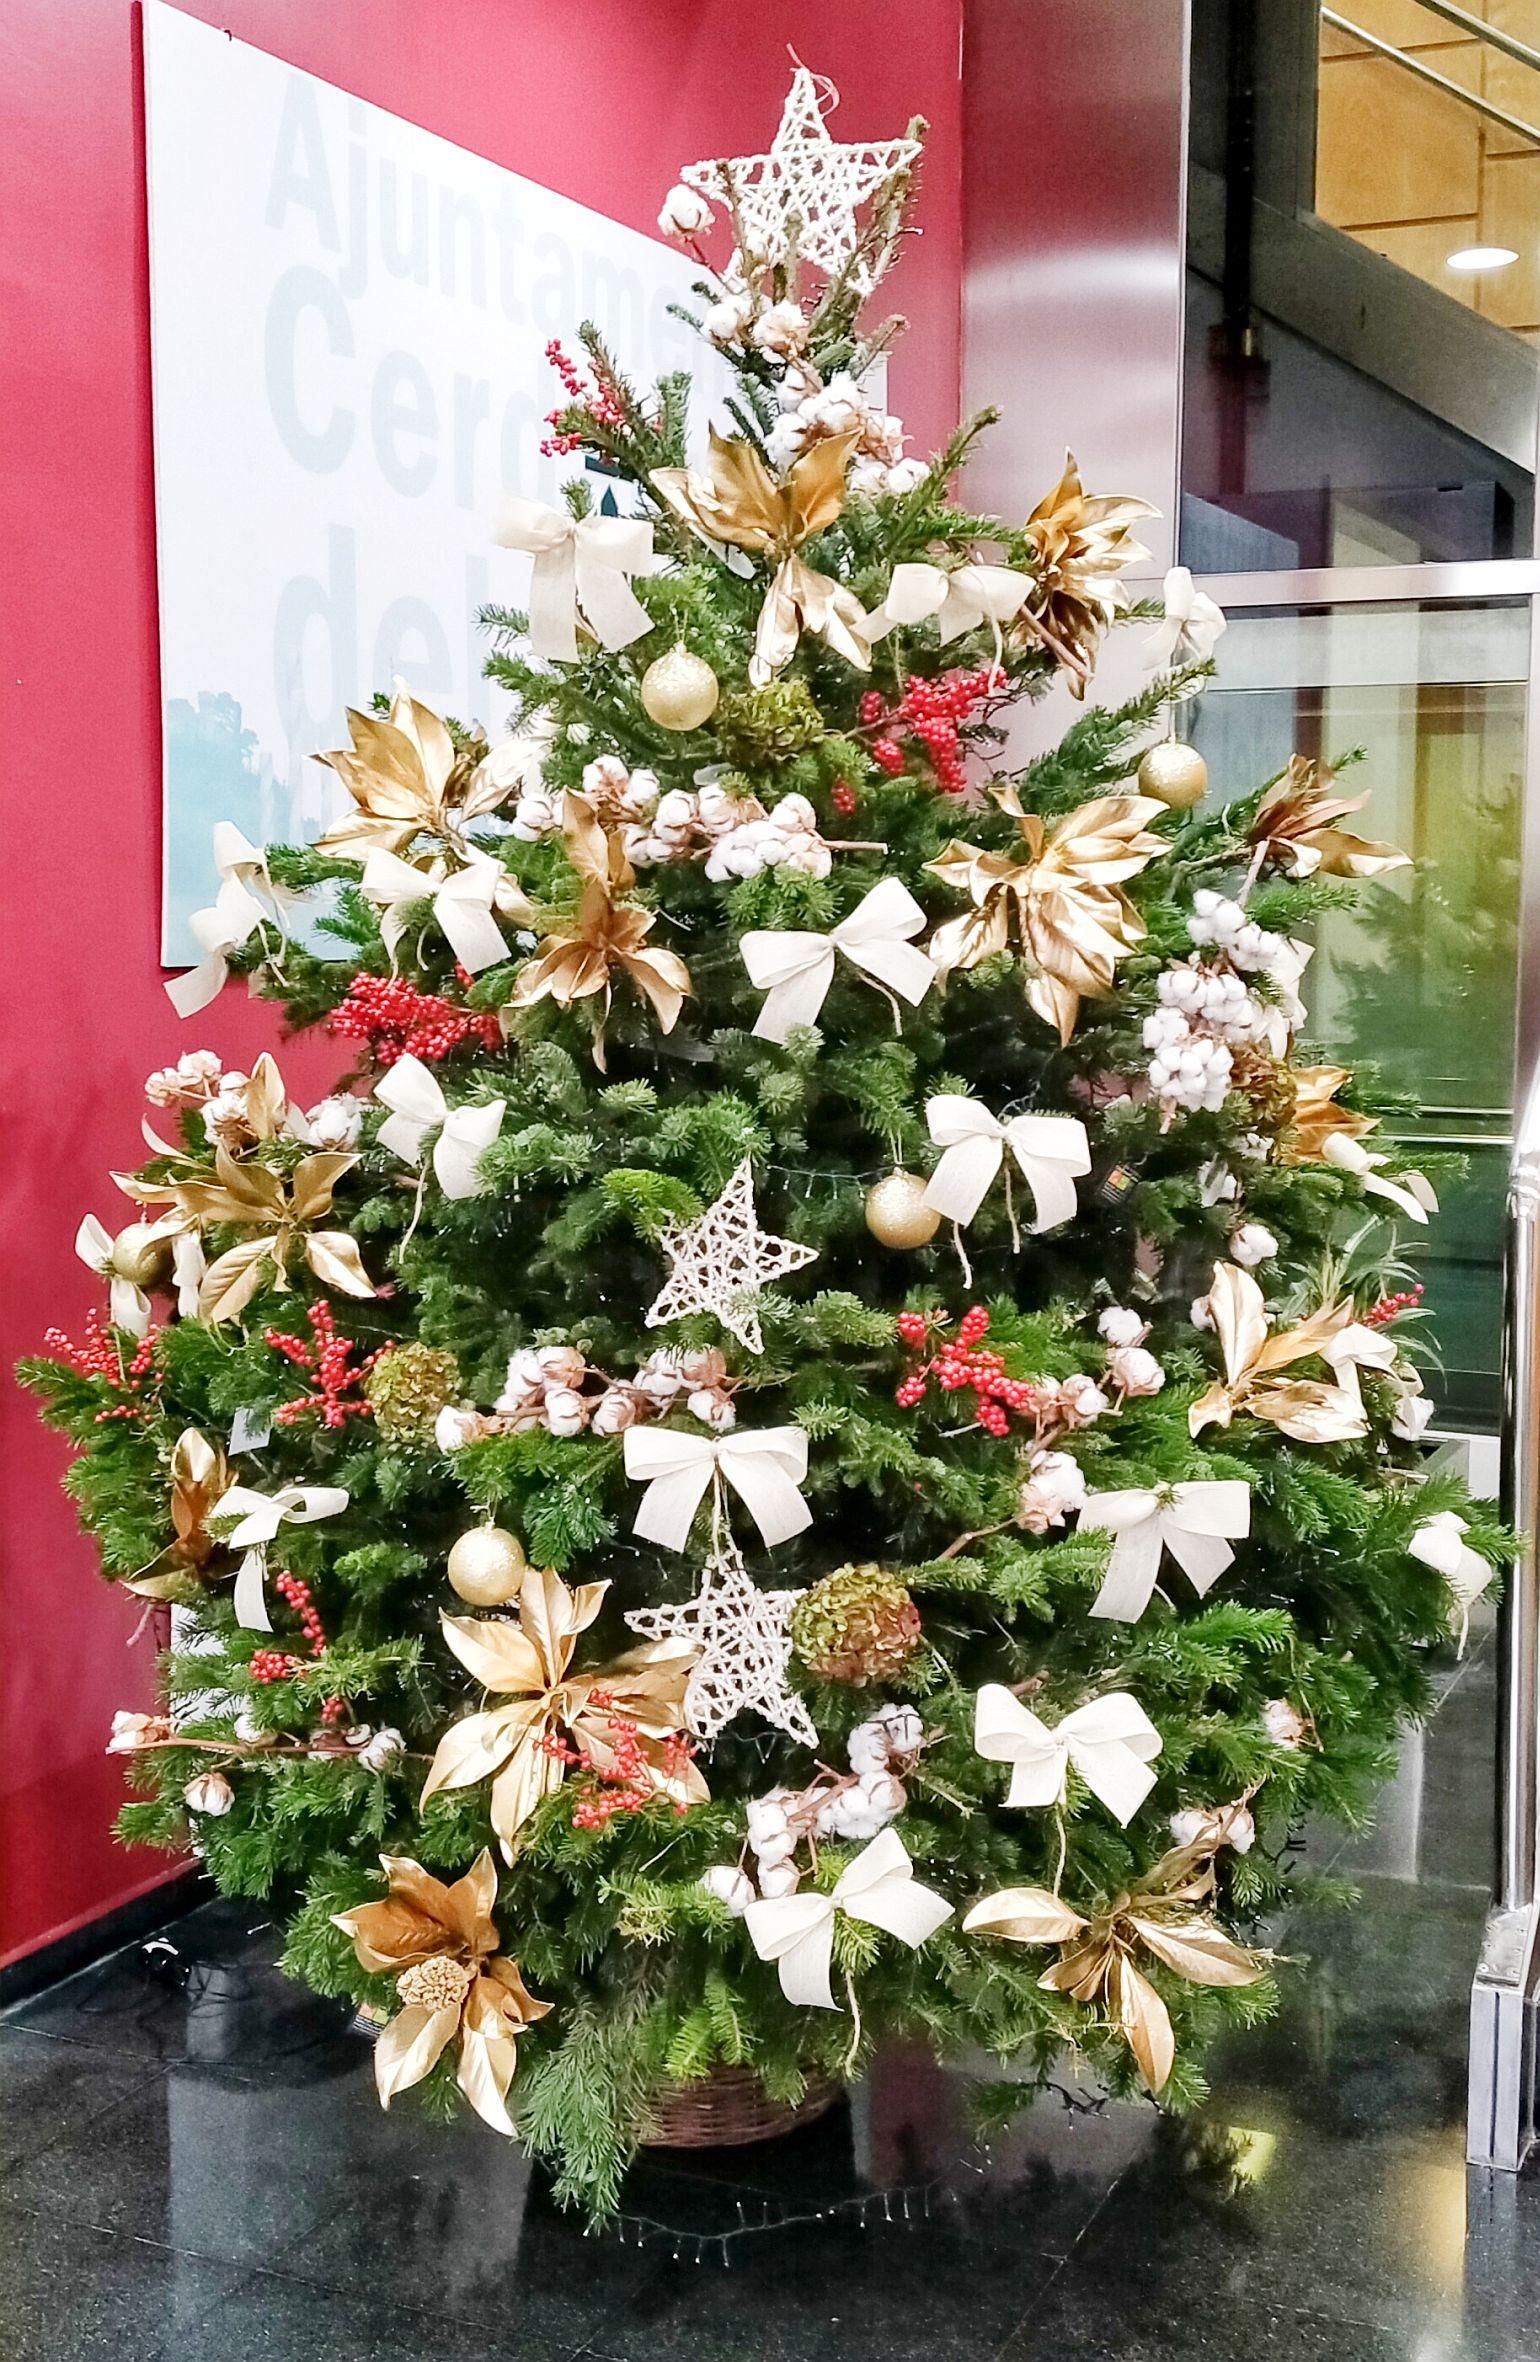 L'arbre nadalenc a la Casa Gran